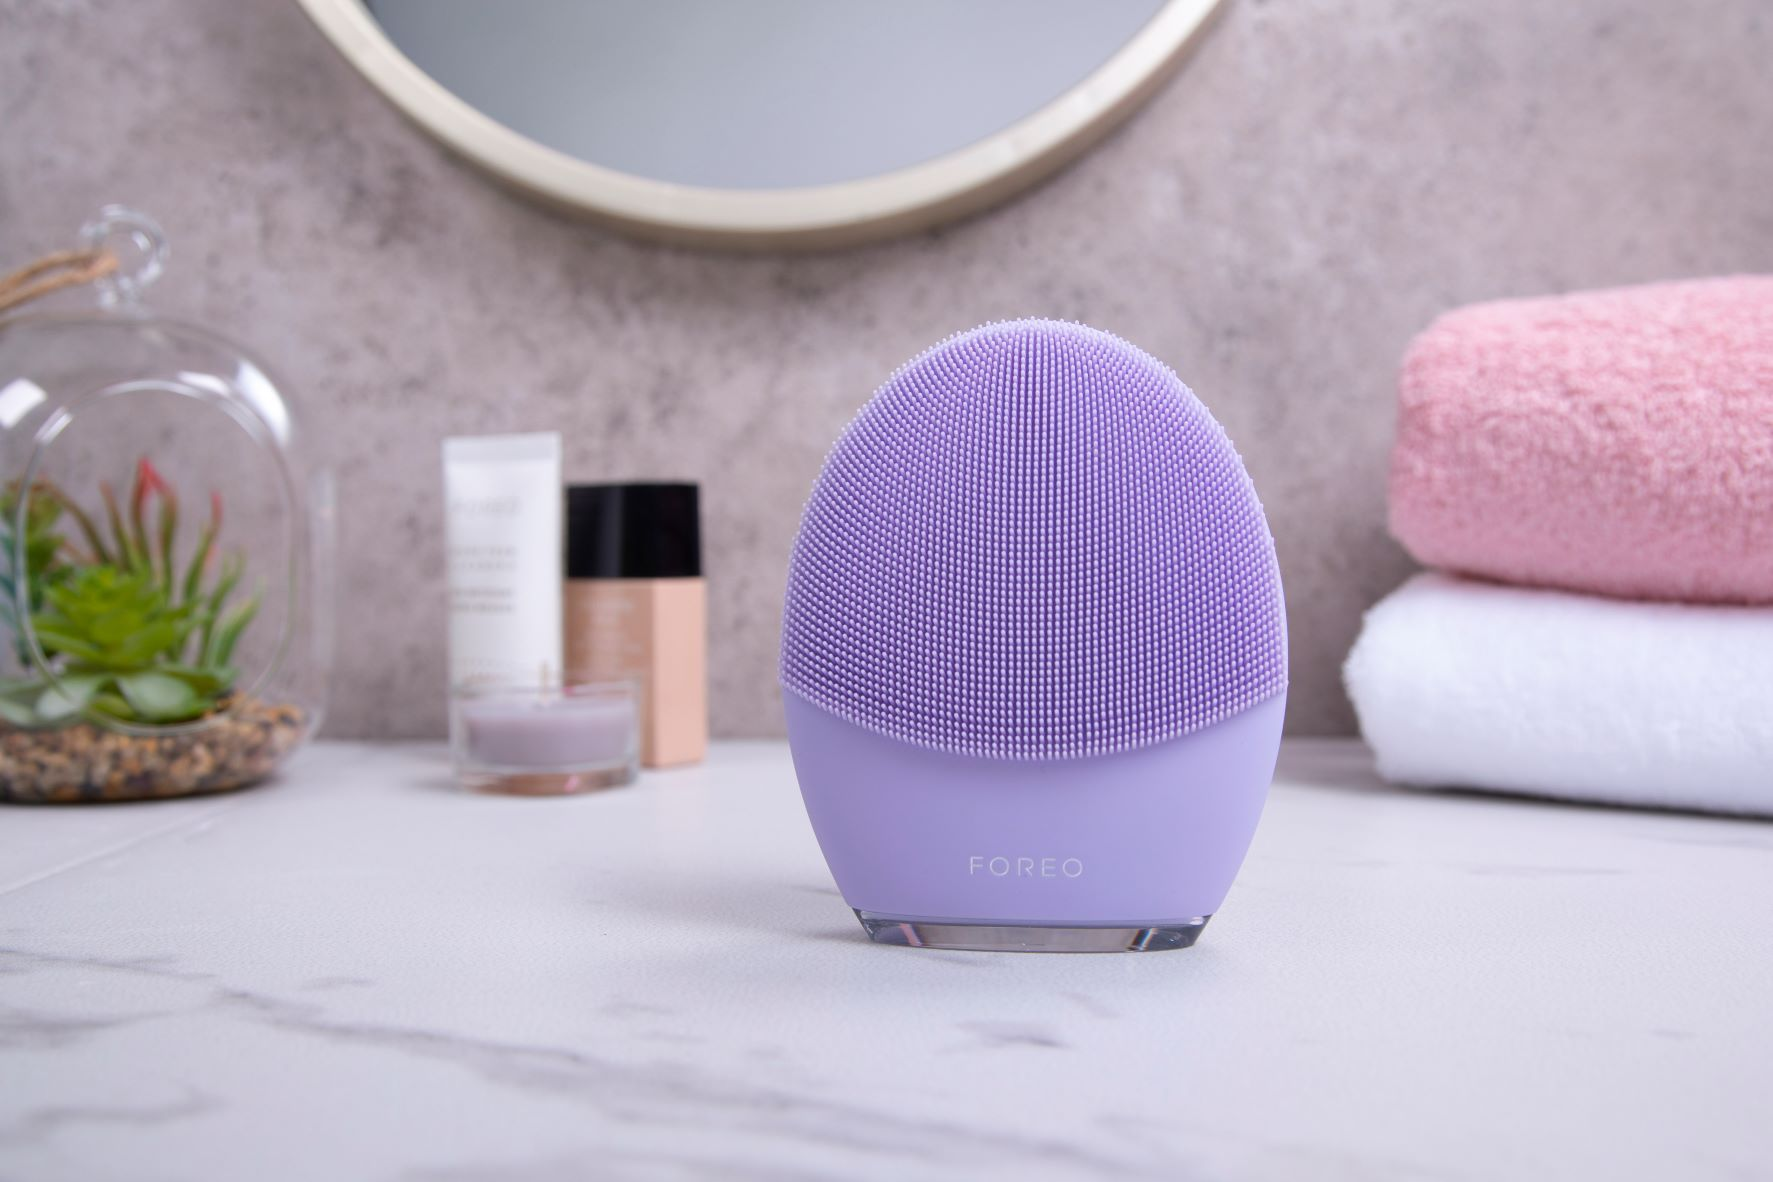 Ljetni make up: FOREO otkriva kako pripremiti kožu za neodoljivi ljetni look